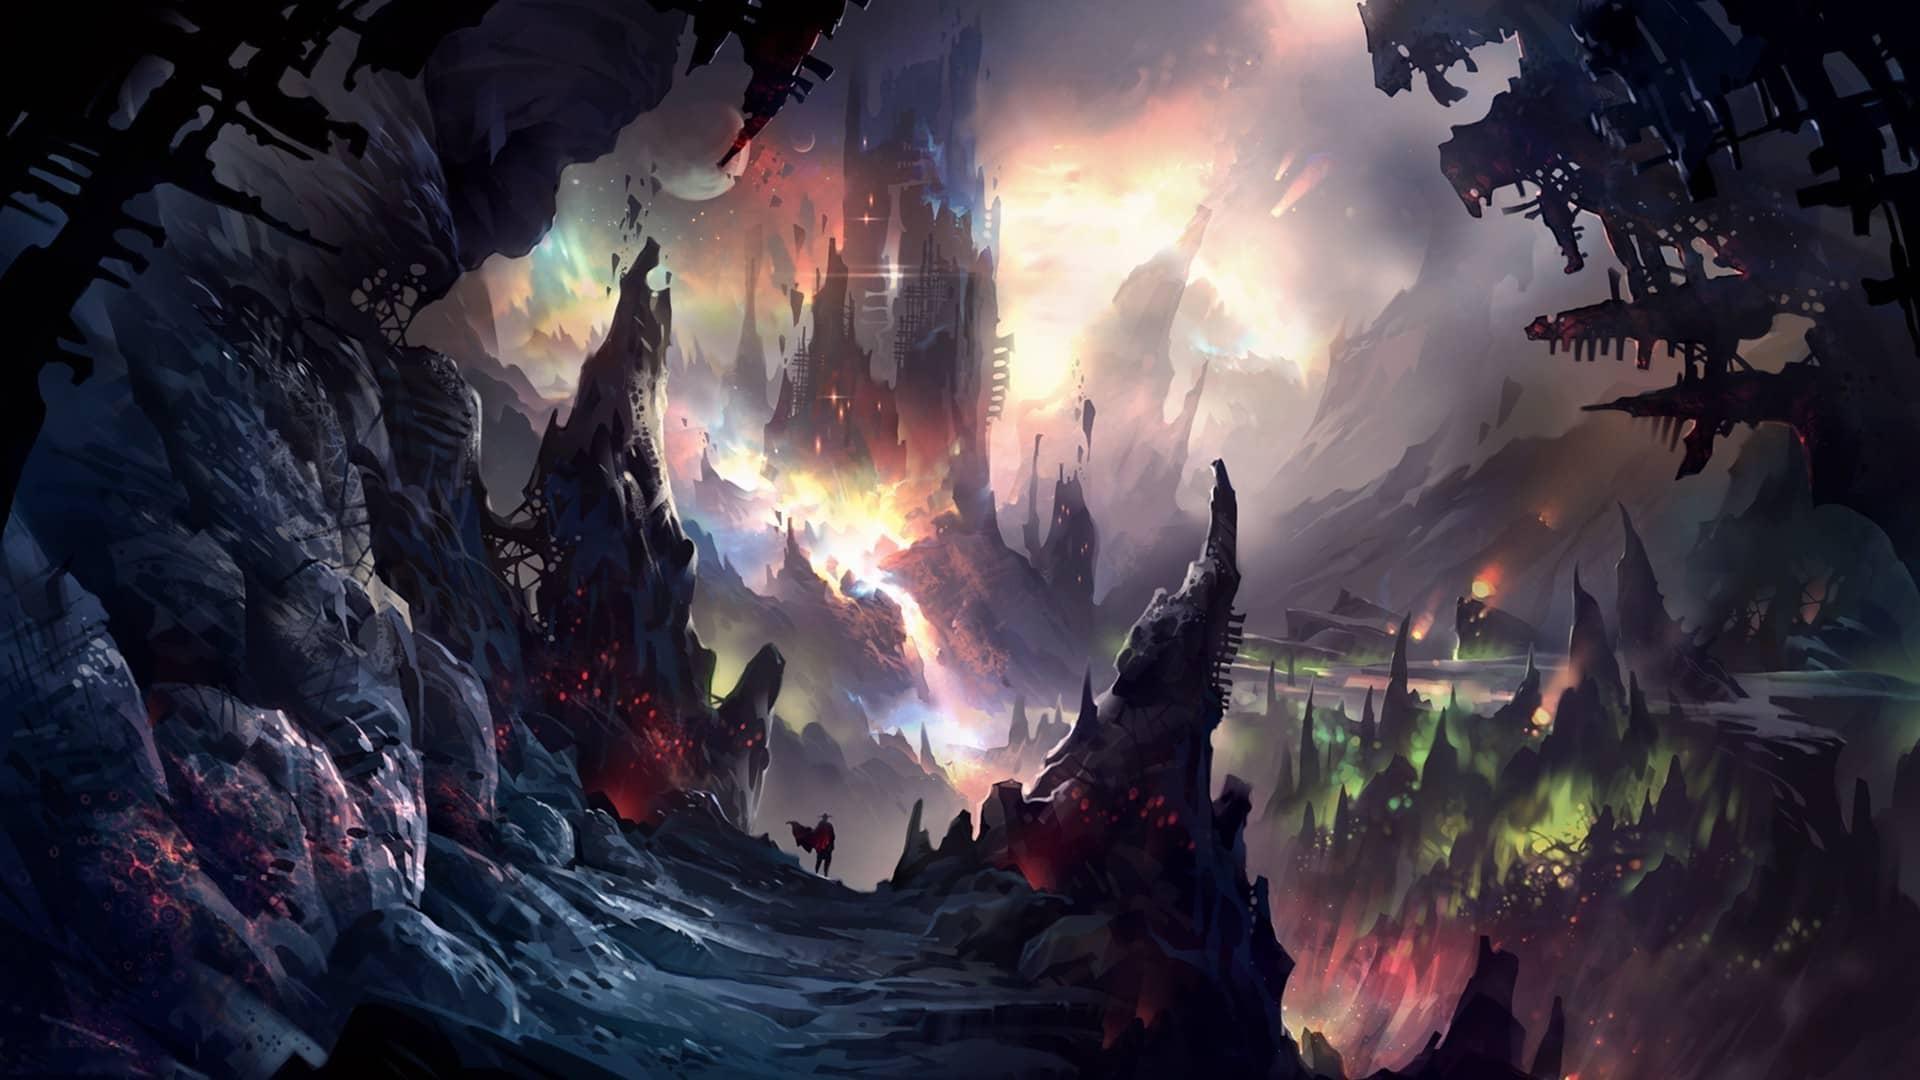 Ilustrasi Fantasi Goa